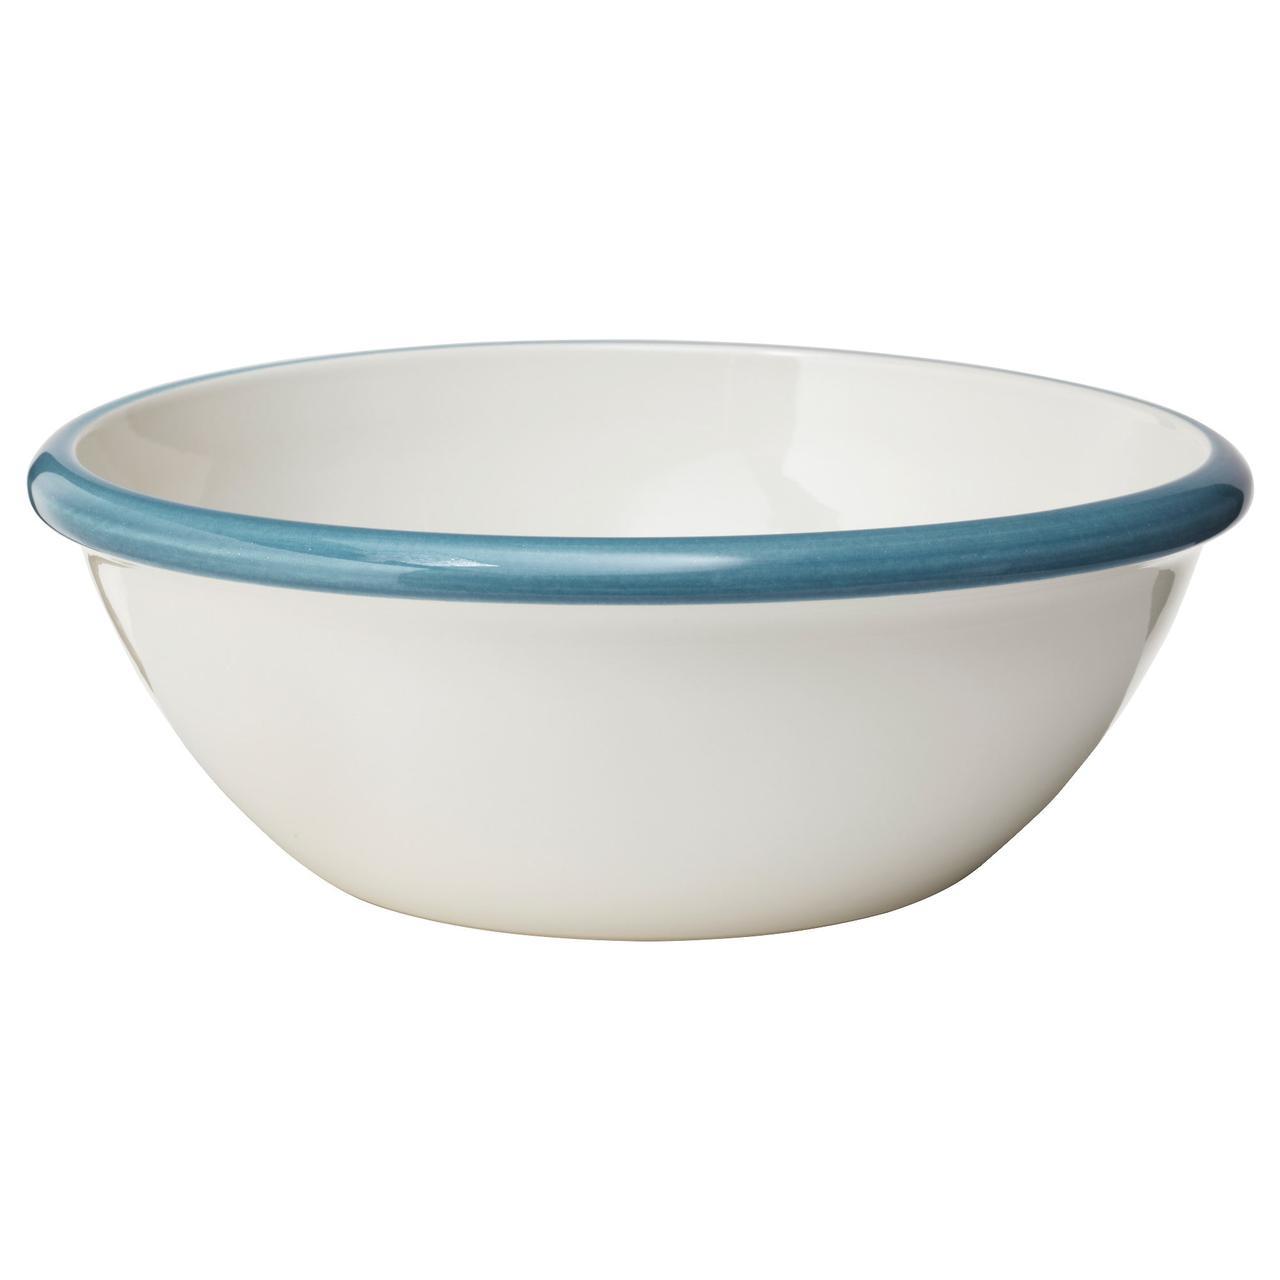 ФИНСТИЛТ Сервировочная миска, белый с оттенком, синий